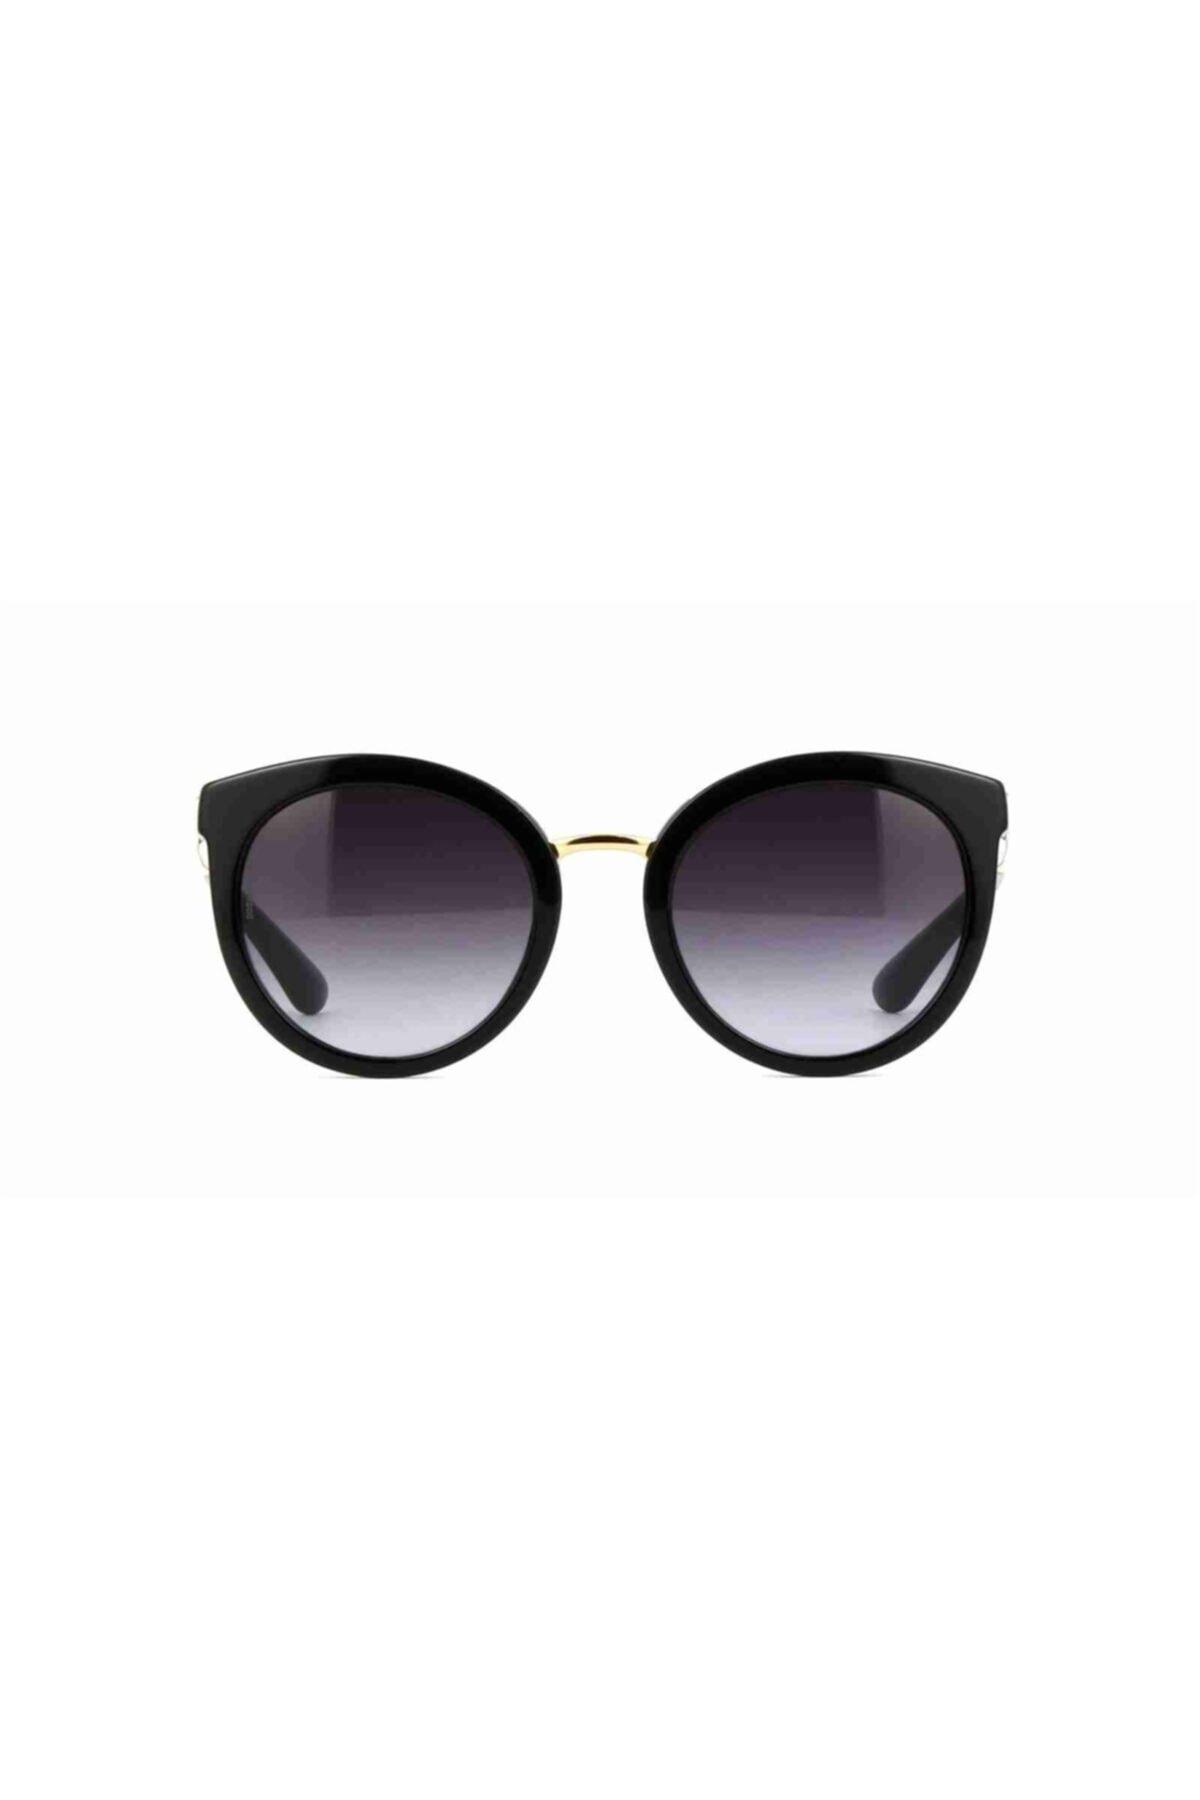 Dolce & Gabbana 4268 501/8g 52 Ekartman Unisex Güneş Gözlüğü 2